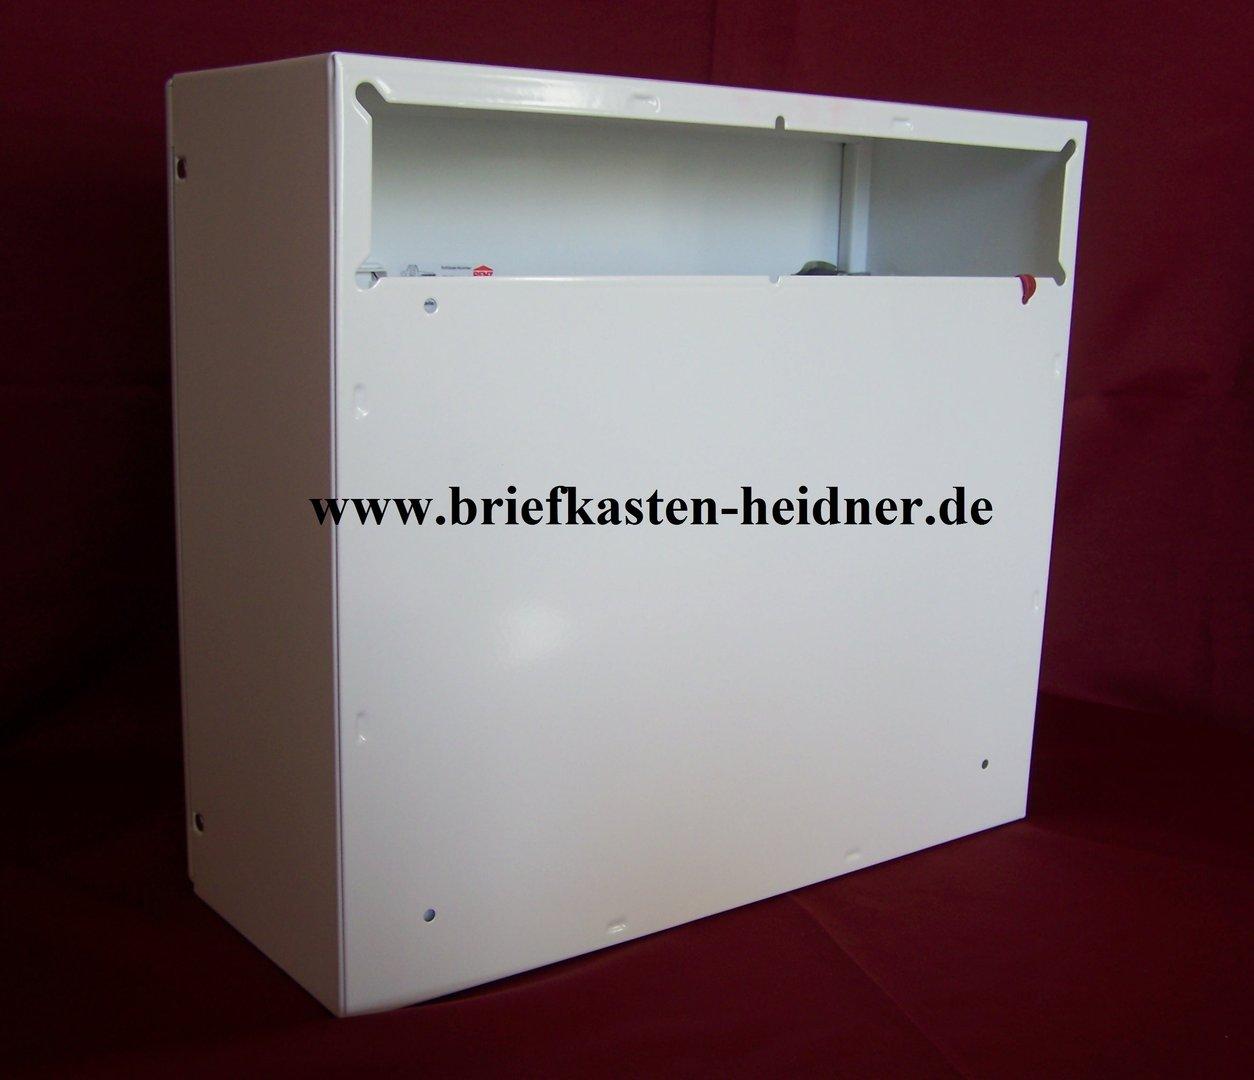 renz briefkasten briefkasten renz 370 x 330 x 100mm wagner sicherheit renz briefkasten classic. Black Bedroom Furniture Sets. Home Design Ideas